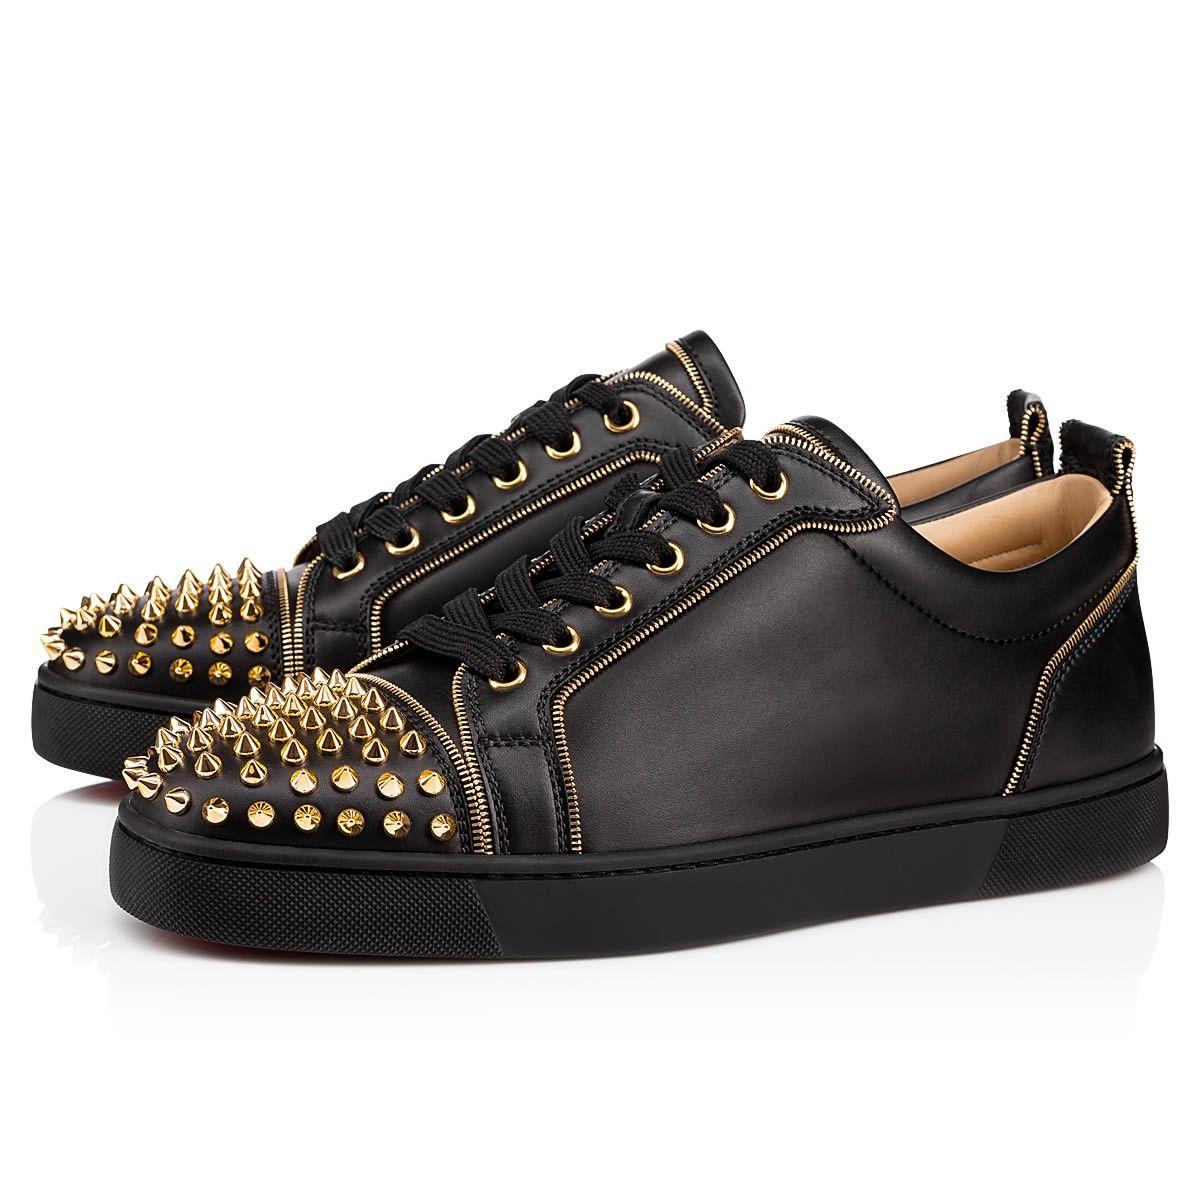 4cb80e3af4f Louis Junior Spikes se dote d un liseré de zip doré tout le long de la  sneaker qui illumine sa robe de cuir noir. Il se prénomme ainsi Louis Zip  Spikes